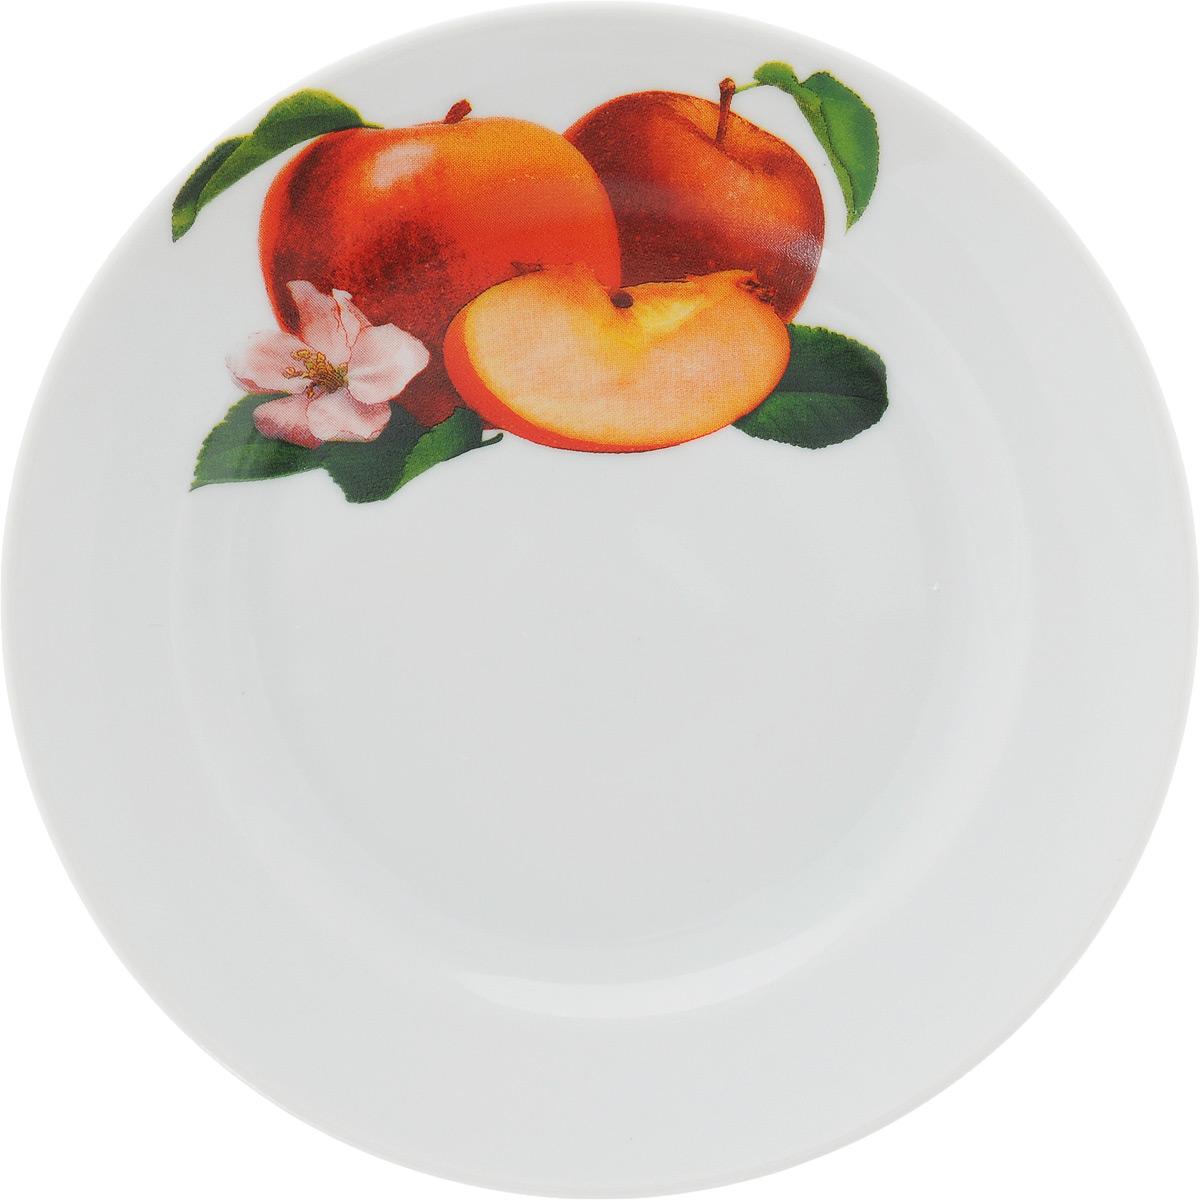 Тарелка Идиллия. Яблоко, диаметр 17 см1303835_яблокоТарелка Идиллия. Яблоко изготовлена из высококачественного фарфора и оформлена красочным изображением яблок. Изделие сочетает в себе изысканный дизайн с максимальной функциональностью. Тарелка отлично дополнит сервировку стола и станет практичным приобретением для вашей кухни.